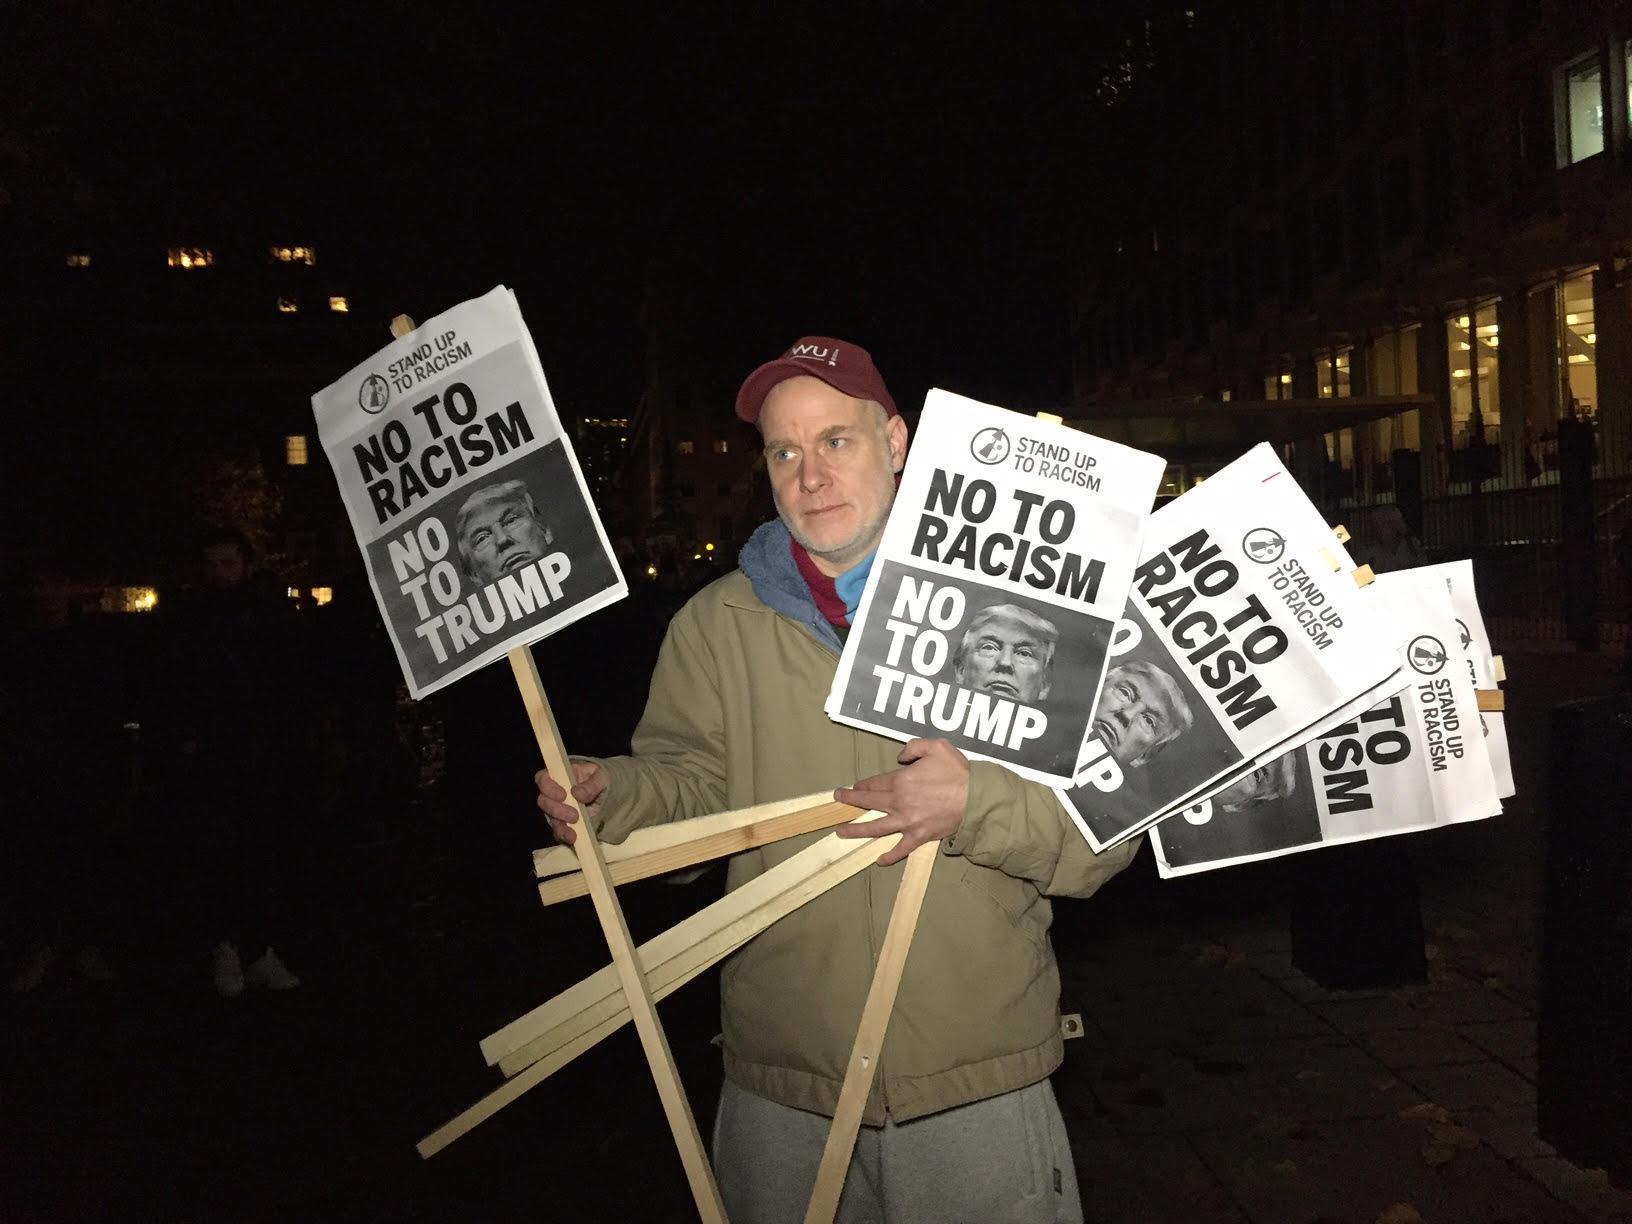 Protestos anti-Trump e antirracismo em Londres em 10 de novembro